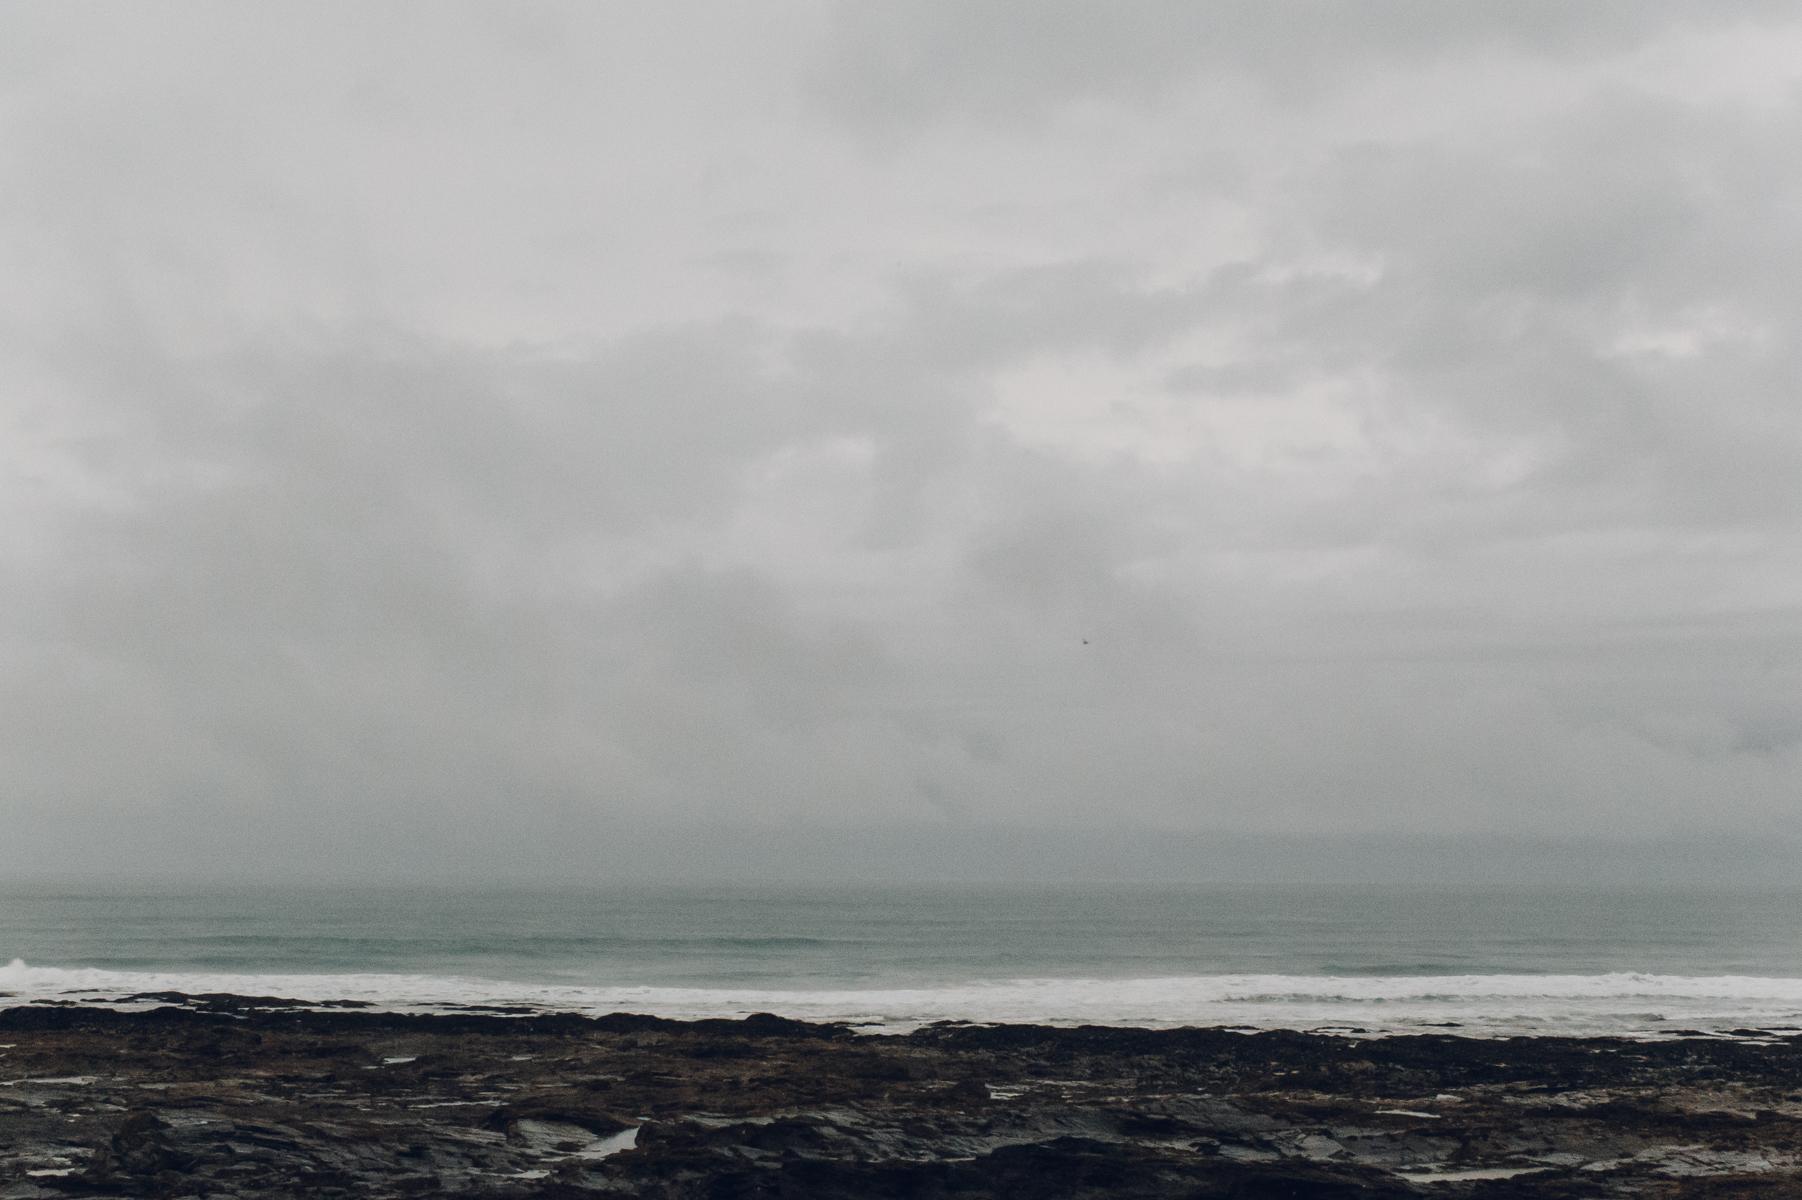 A stormy coastal view.